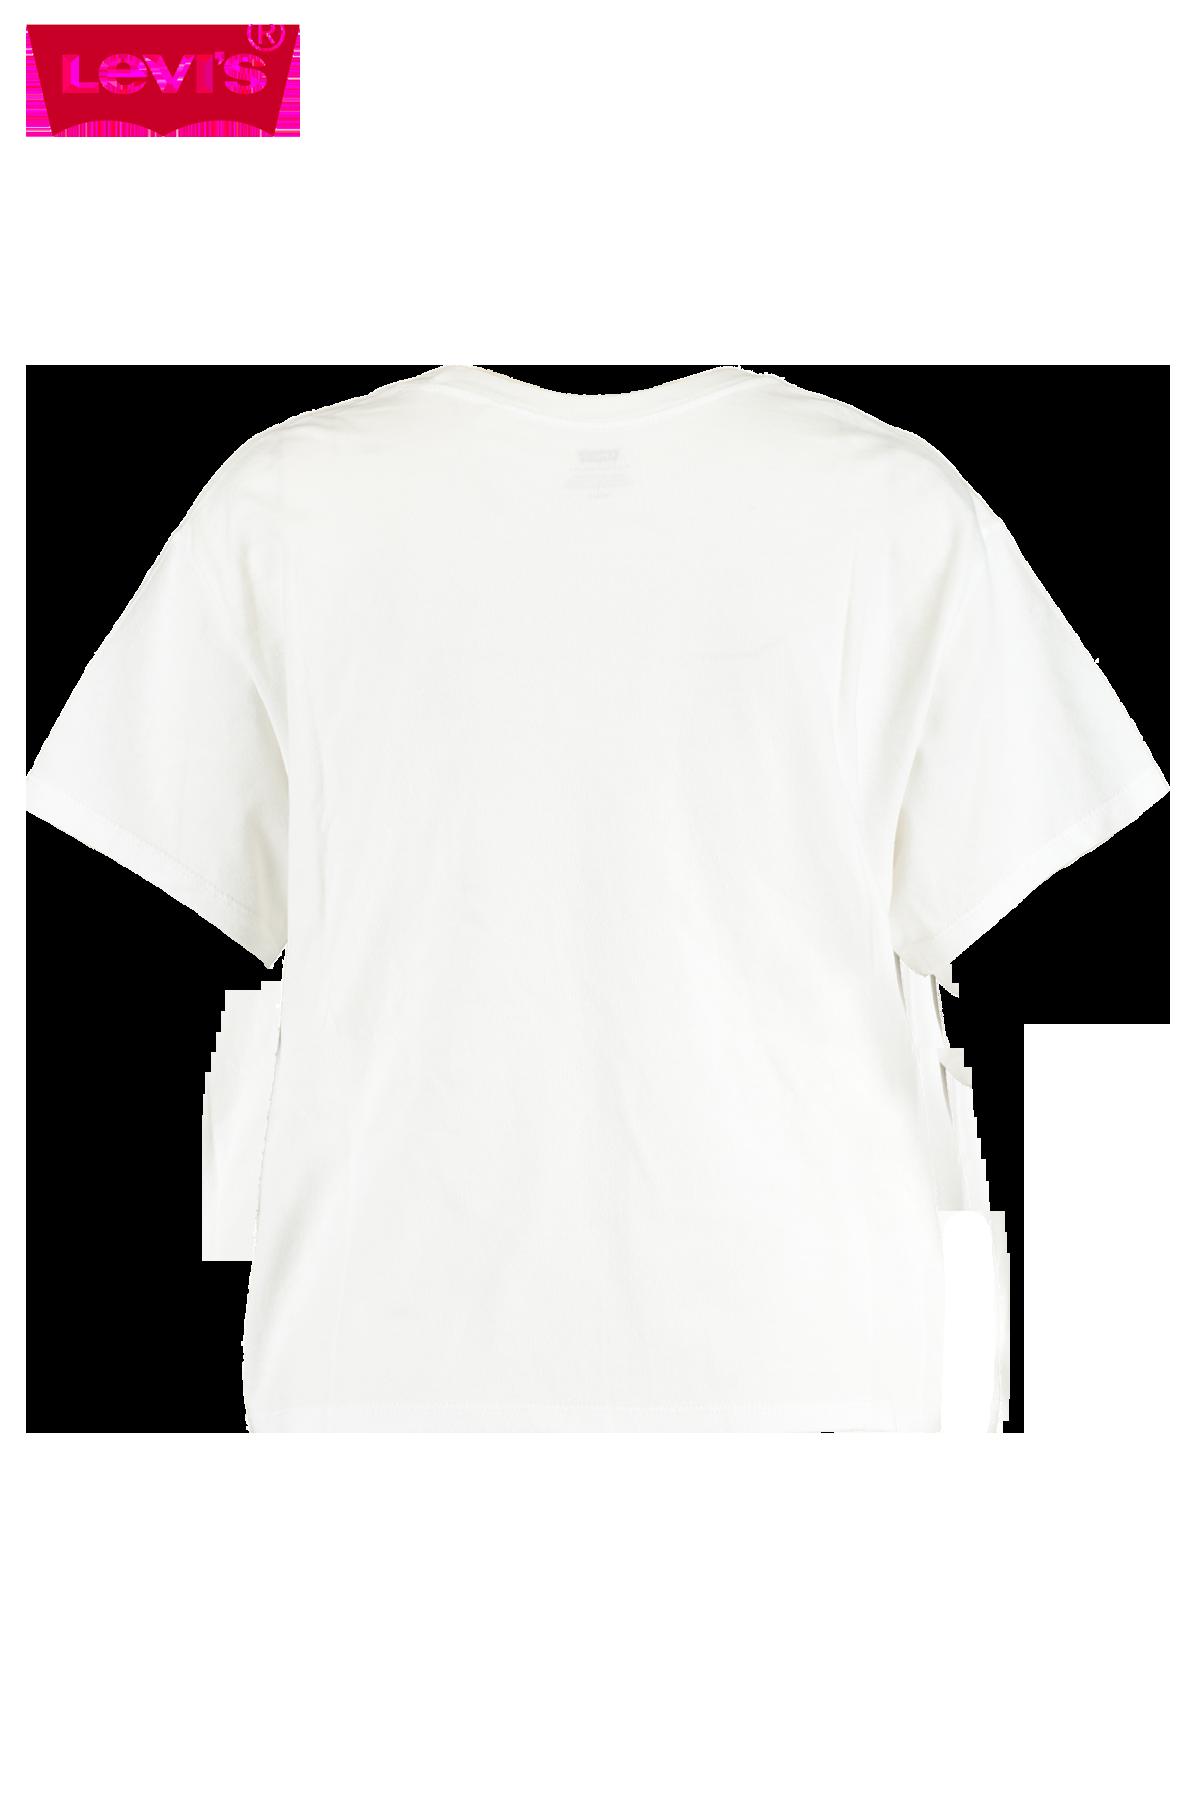 T-shirt Graphic varsity tee